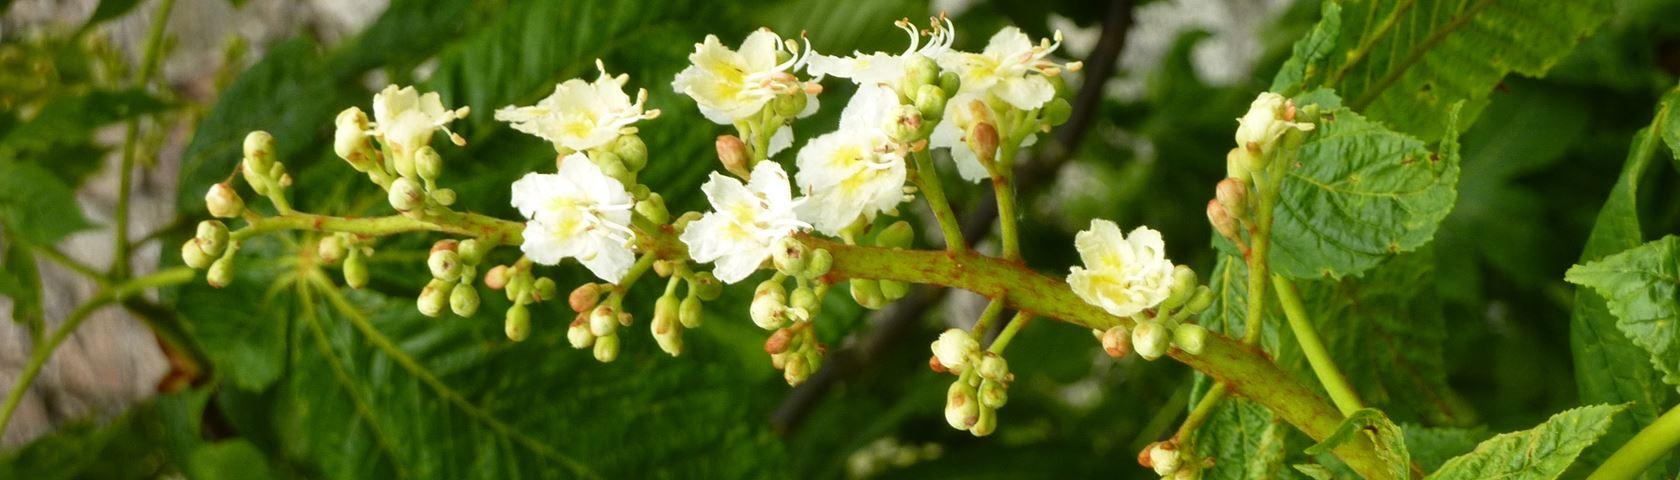 Horse-Chestnut Flowers